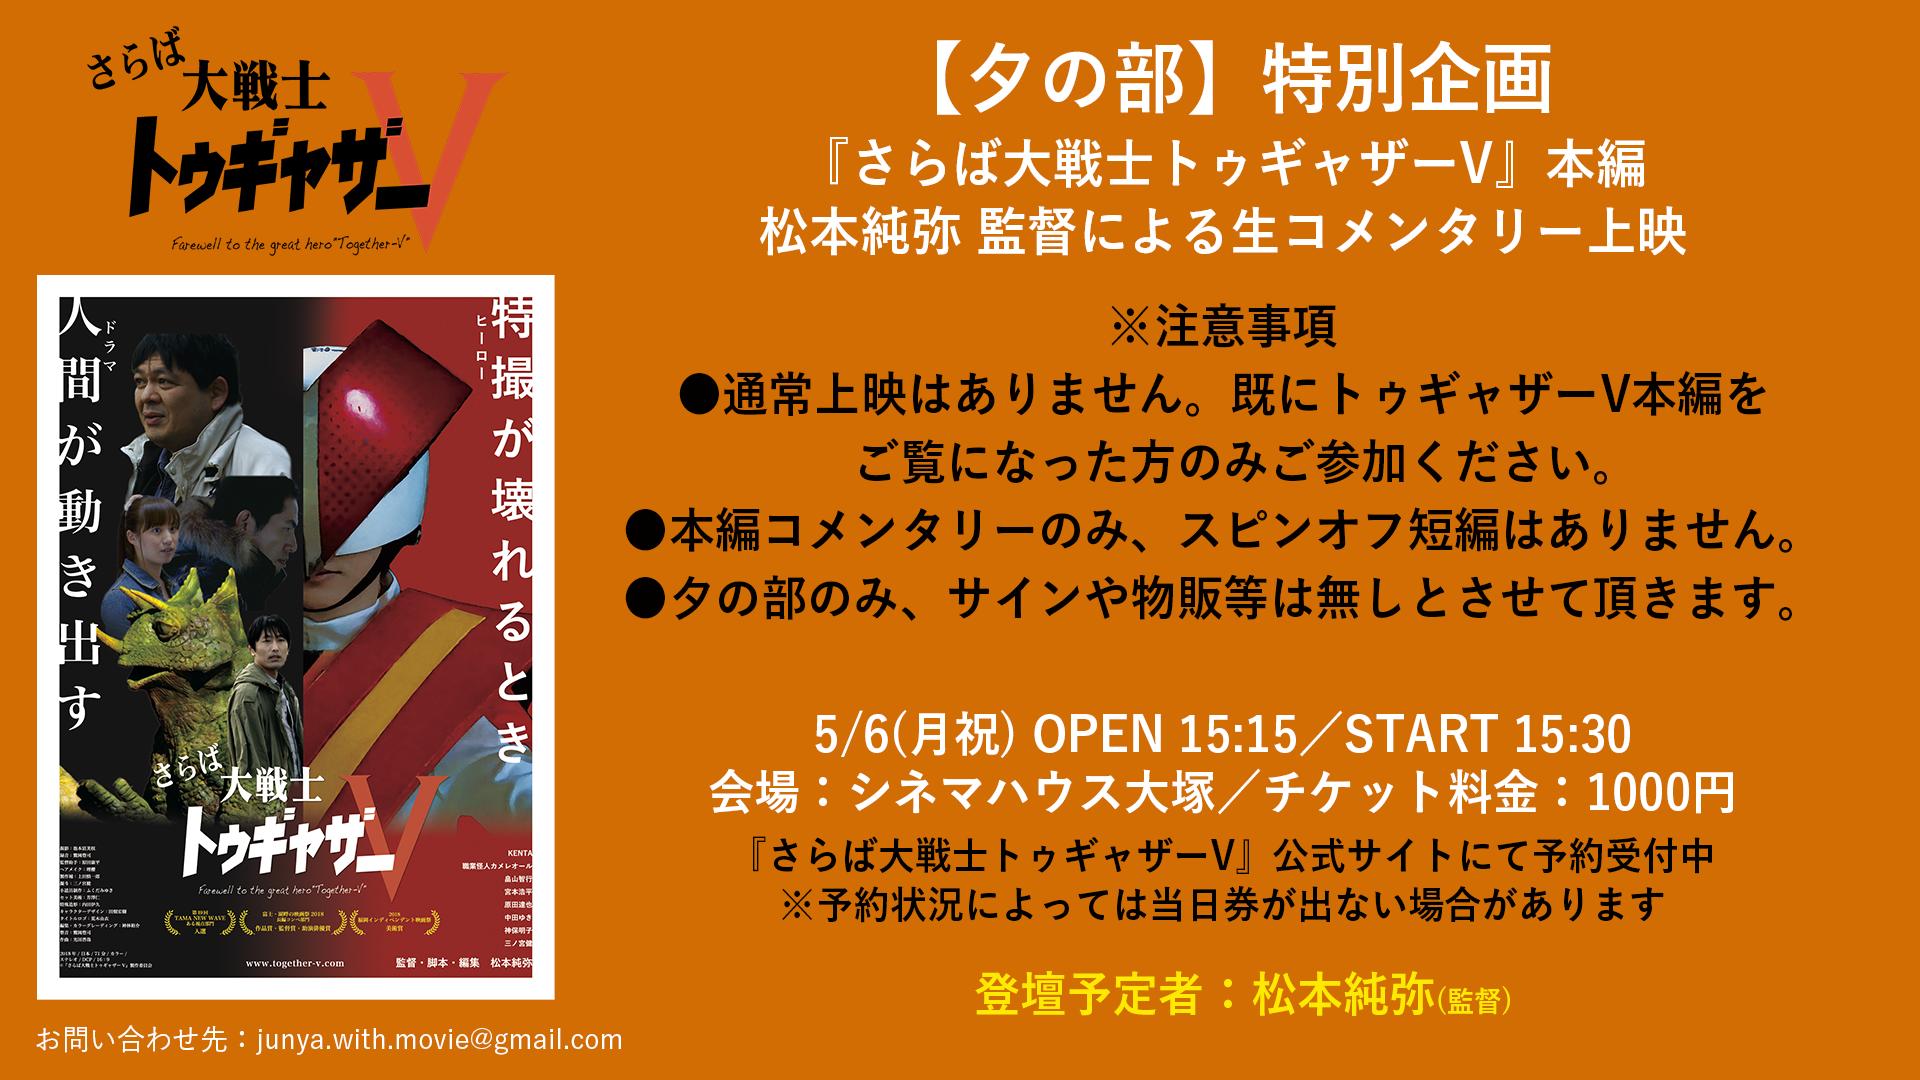 【夕の部】15:30 特別企画・コメンタリー上映